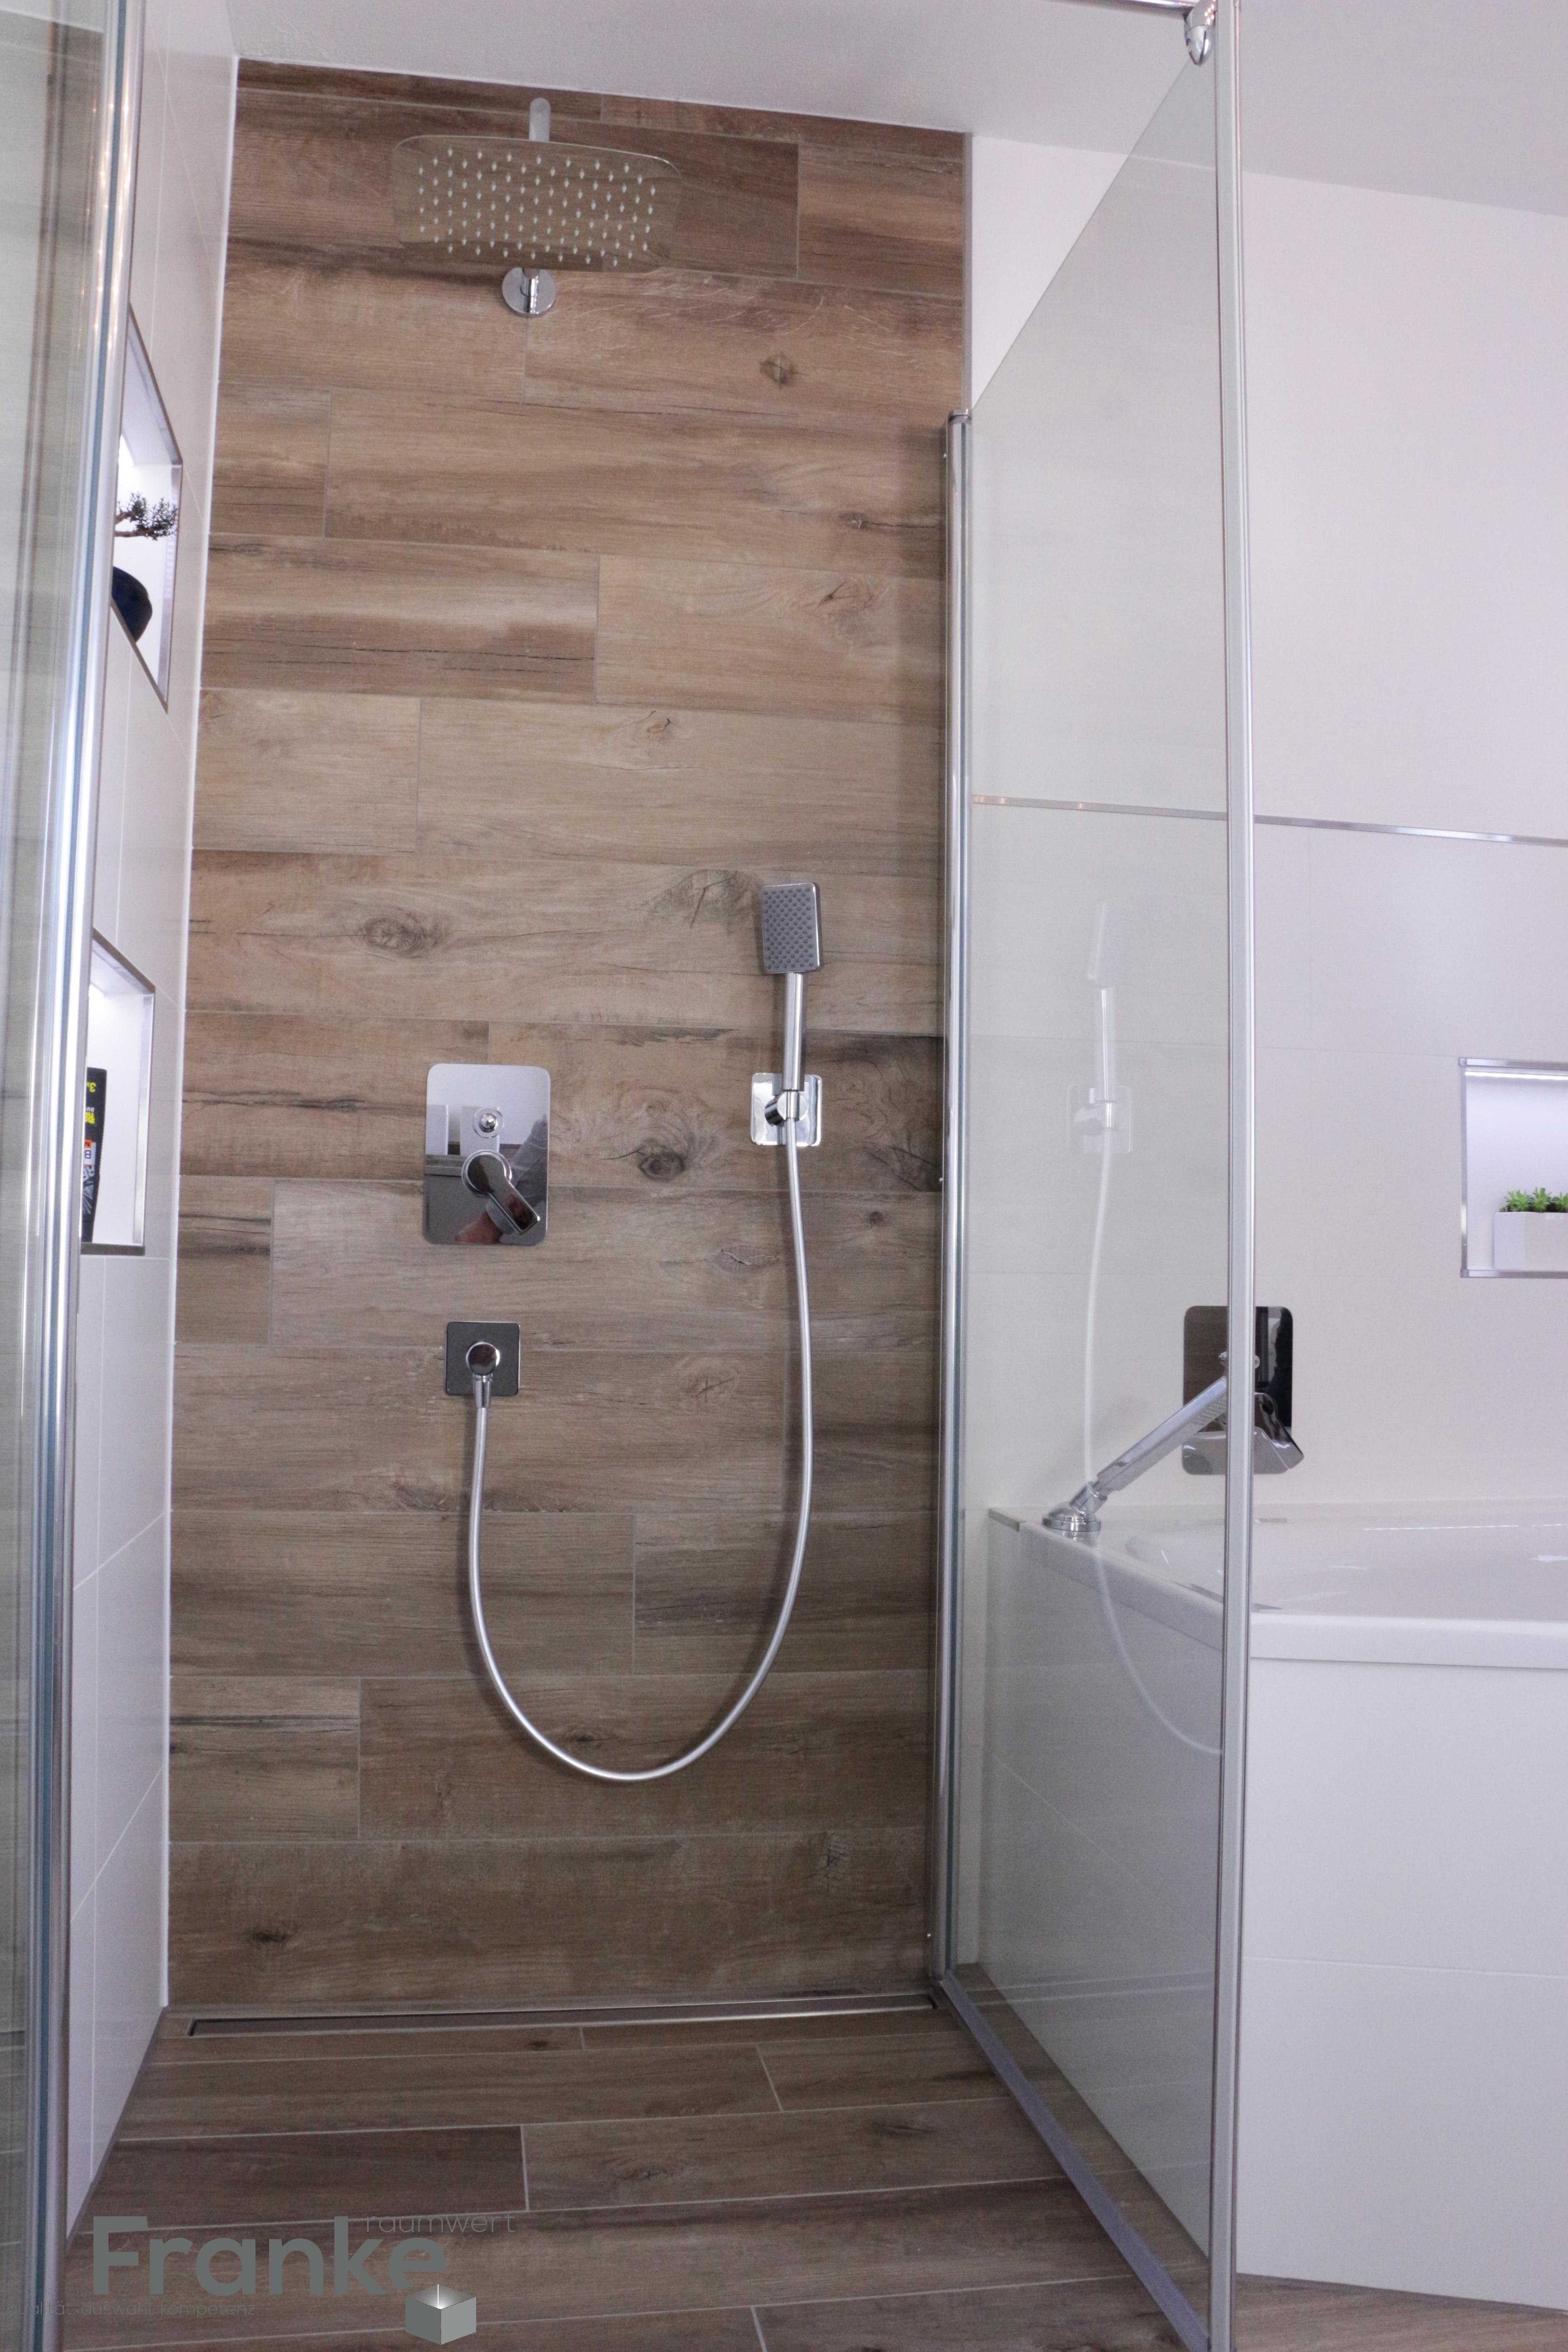 Bodenfliesen Badezimmer Dusche Fliesen Badezimmer Fliesen Ideen